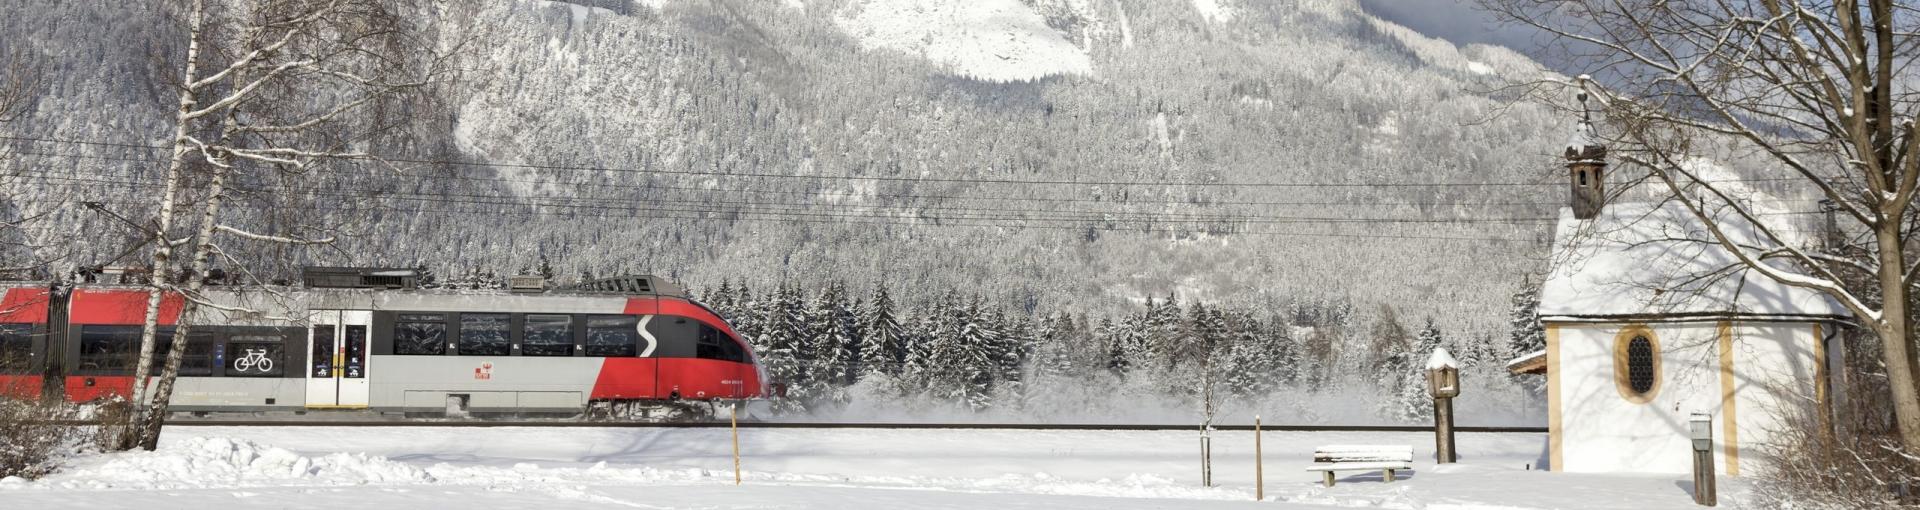 Anreise nach Tirol ©Tirol Werbung - Pupeter Robert